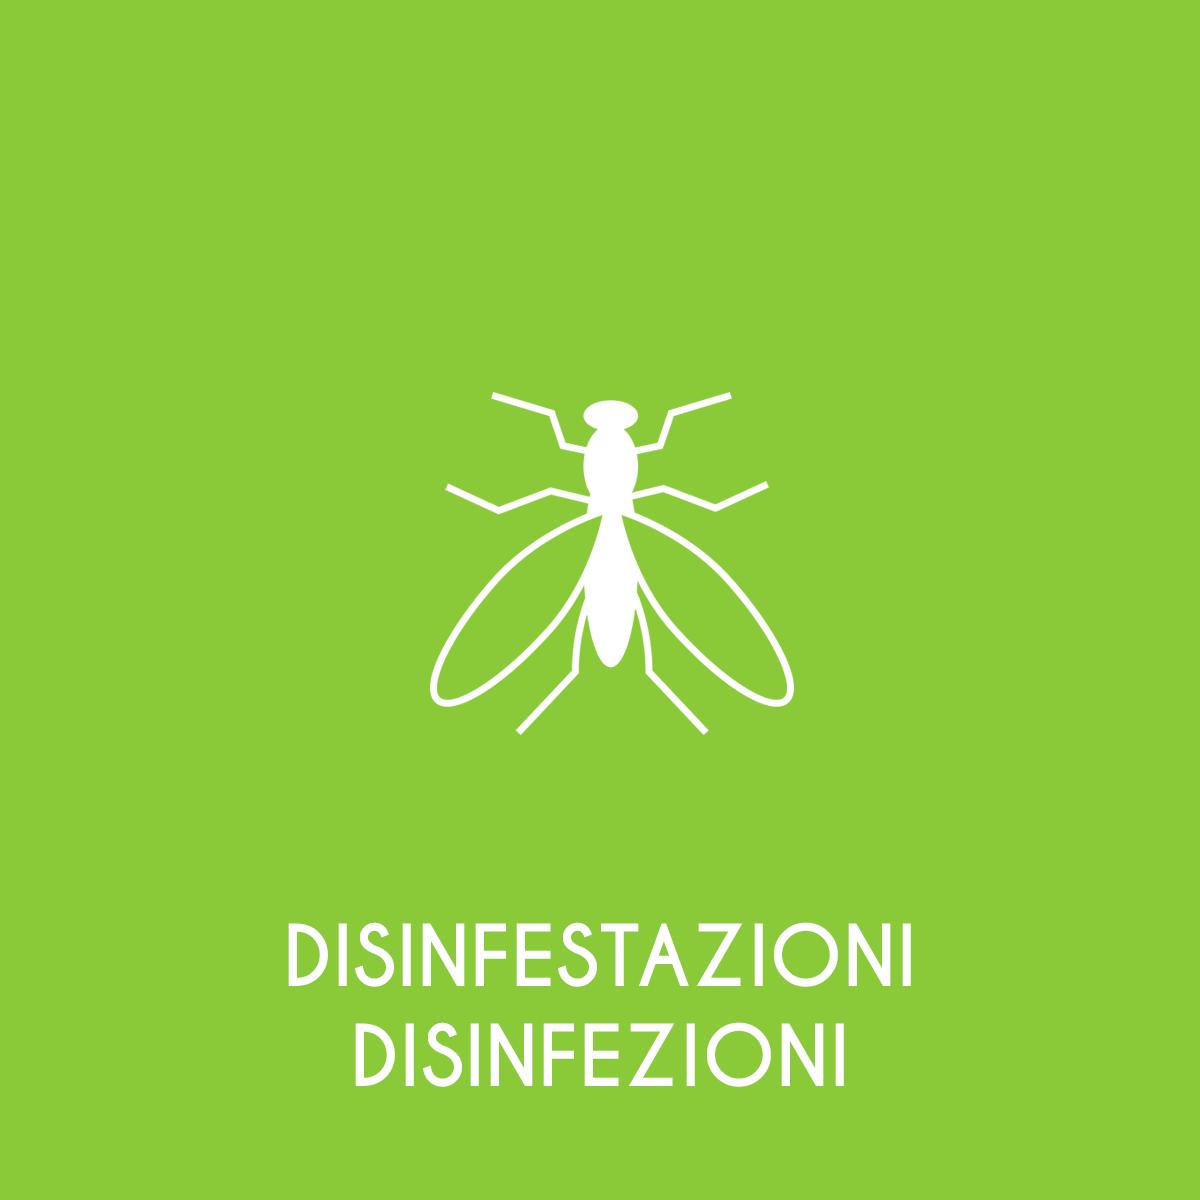 Disinfestazione e Disinfezione